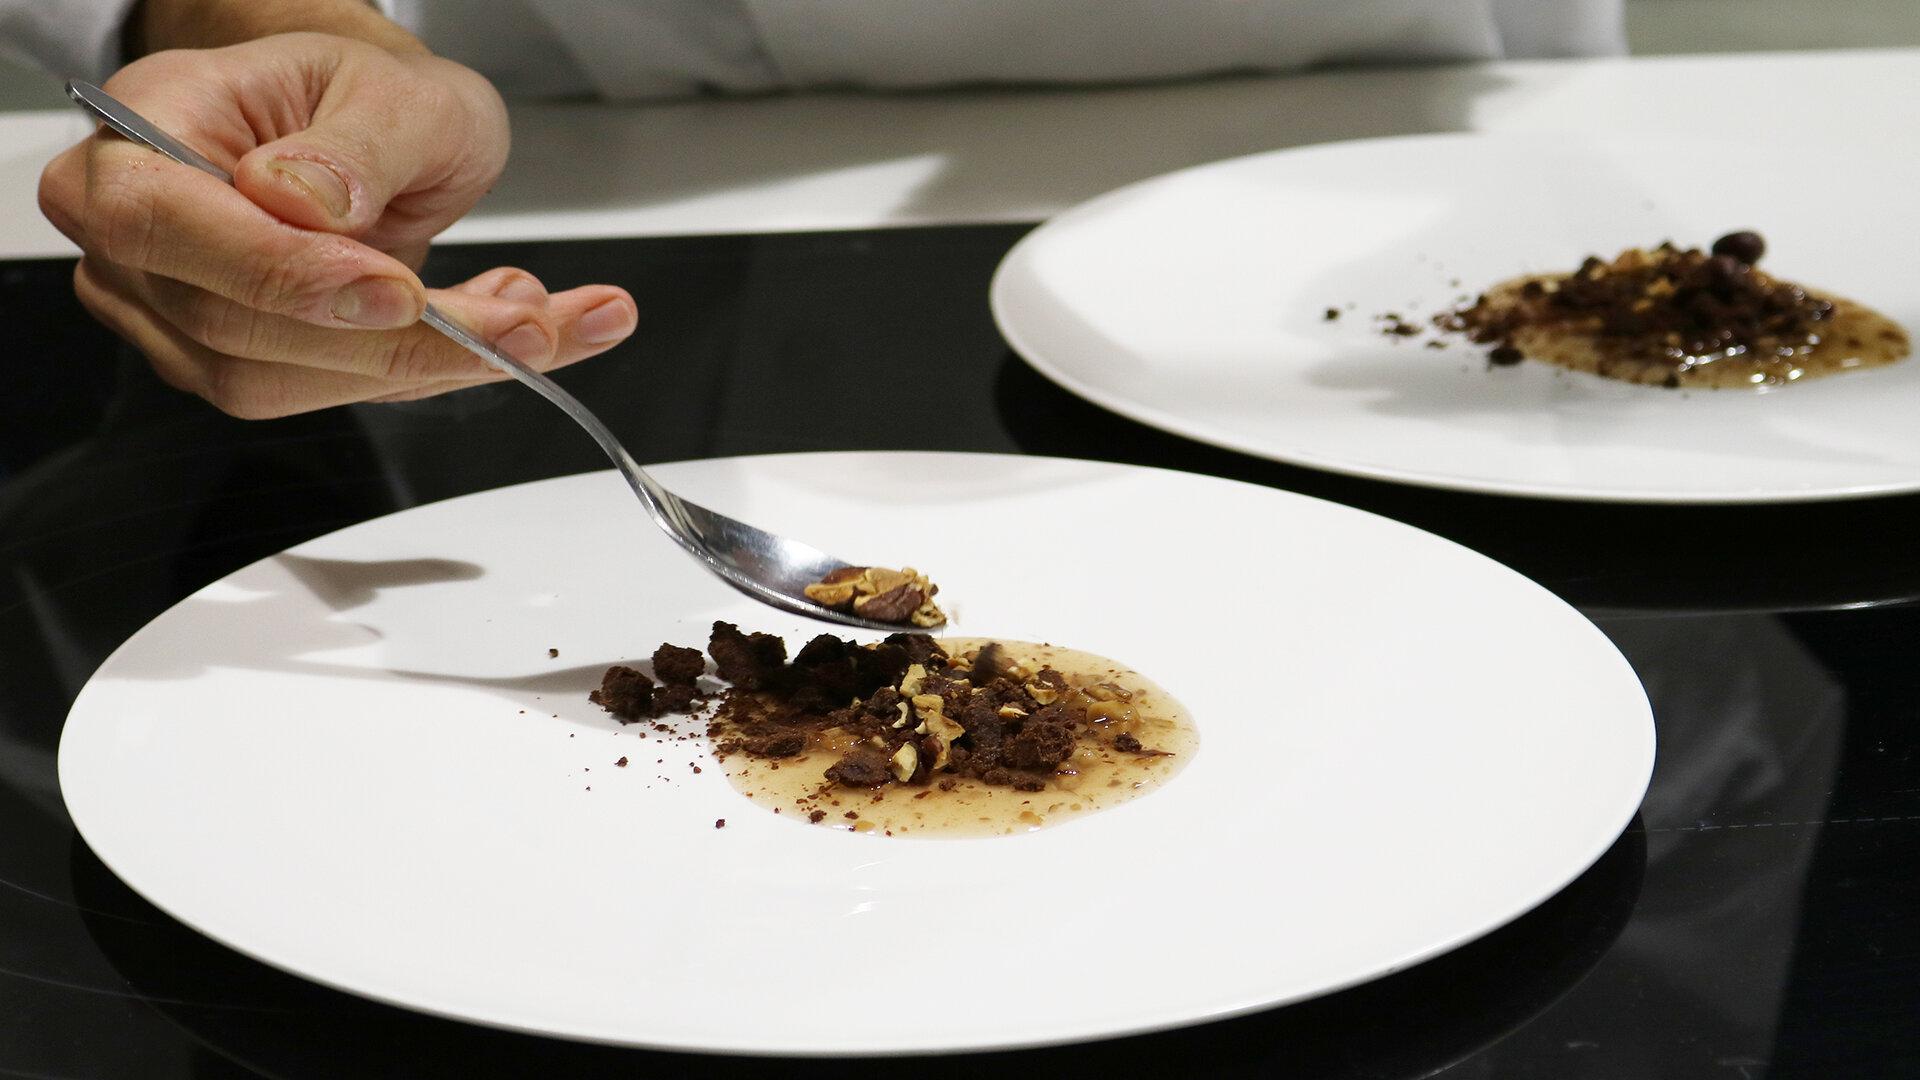 detalle elaboración chef especializado en alta cocina gasma culinary institute